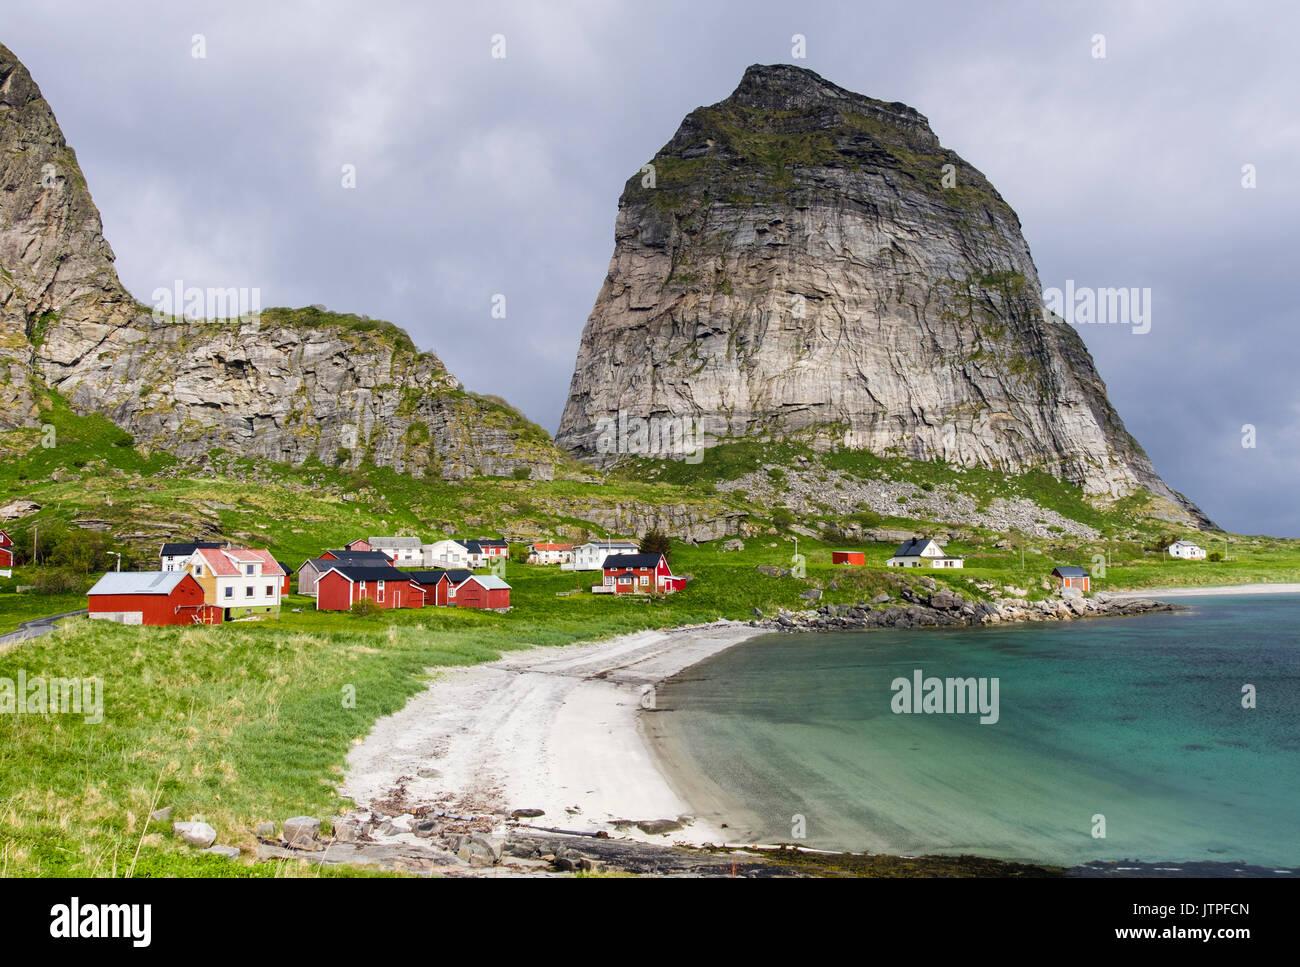 Antiguo pueblo pesquero casas en isla, Traena Sanna, condado de Nordland, Noruega, Escandinavia, Europa. Ahora se Imagen De Stock